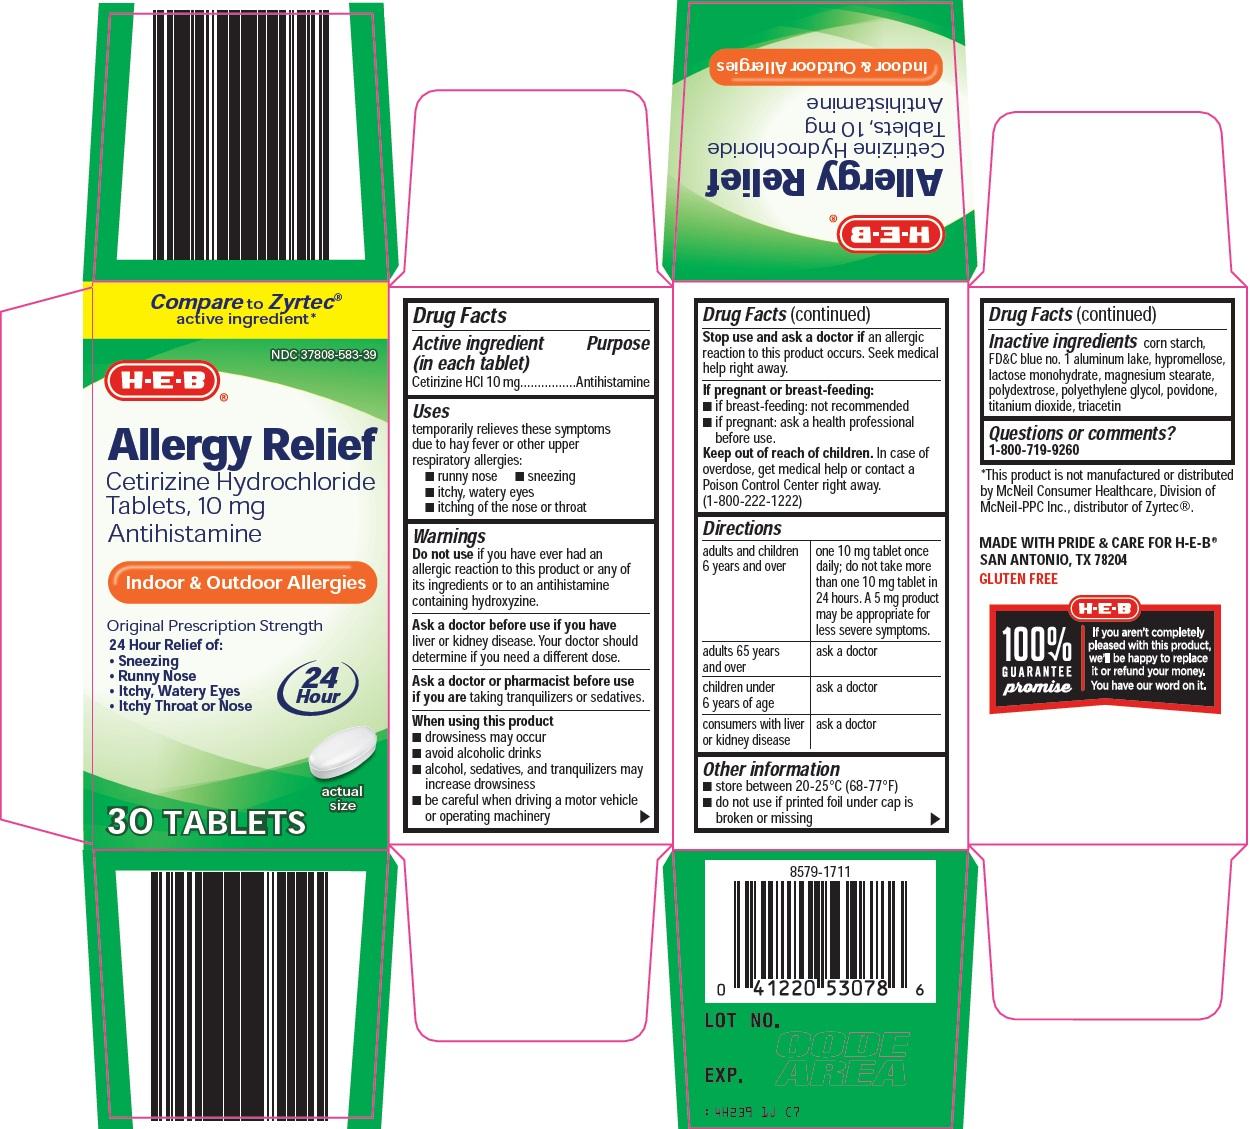 4h2-1j-allergy relief.jpg